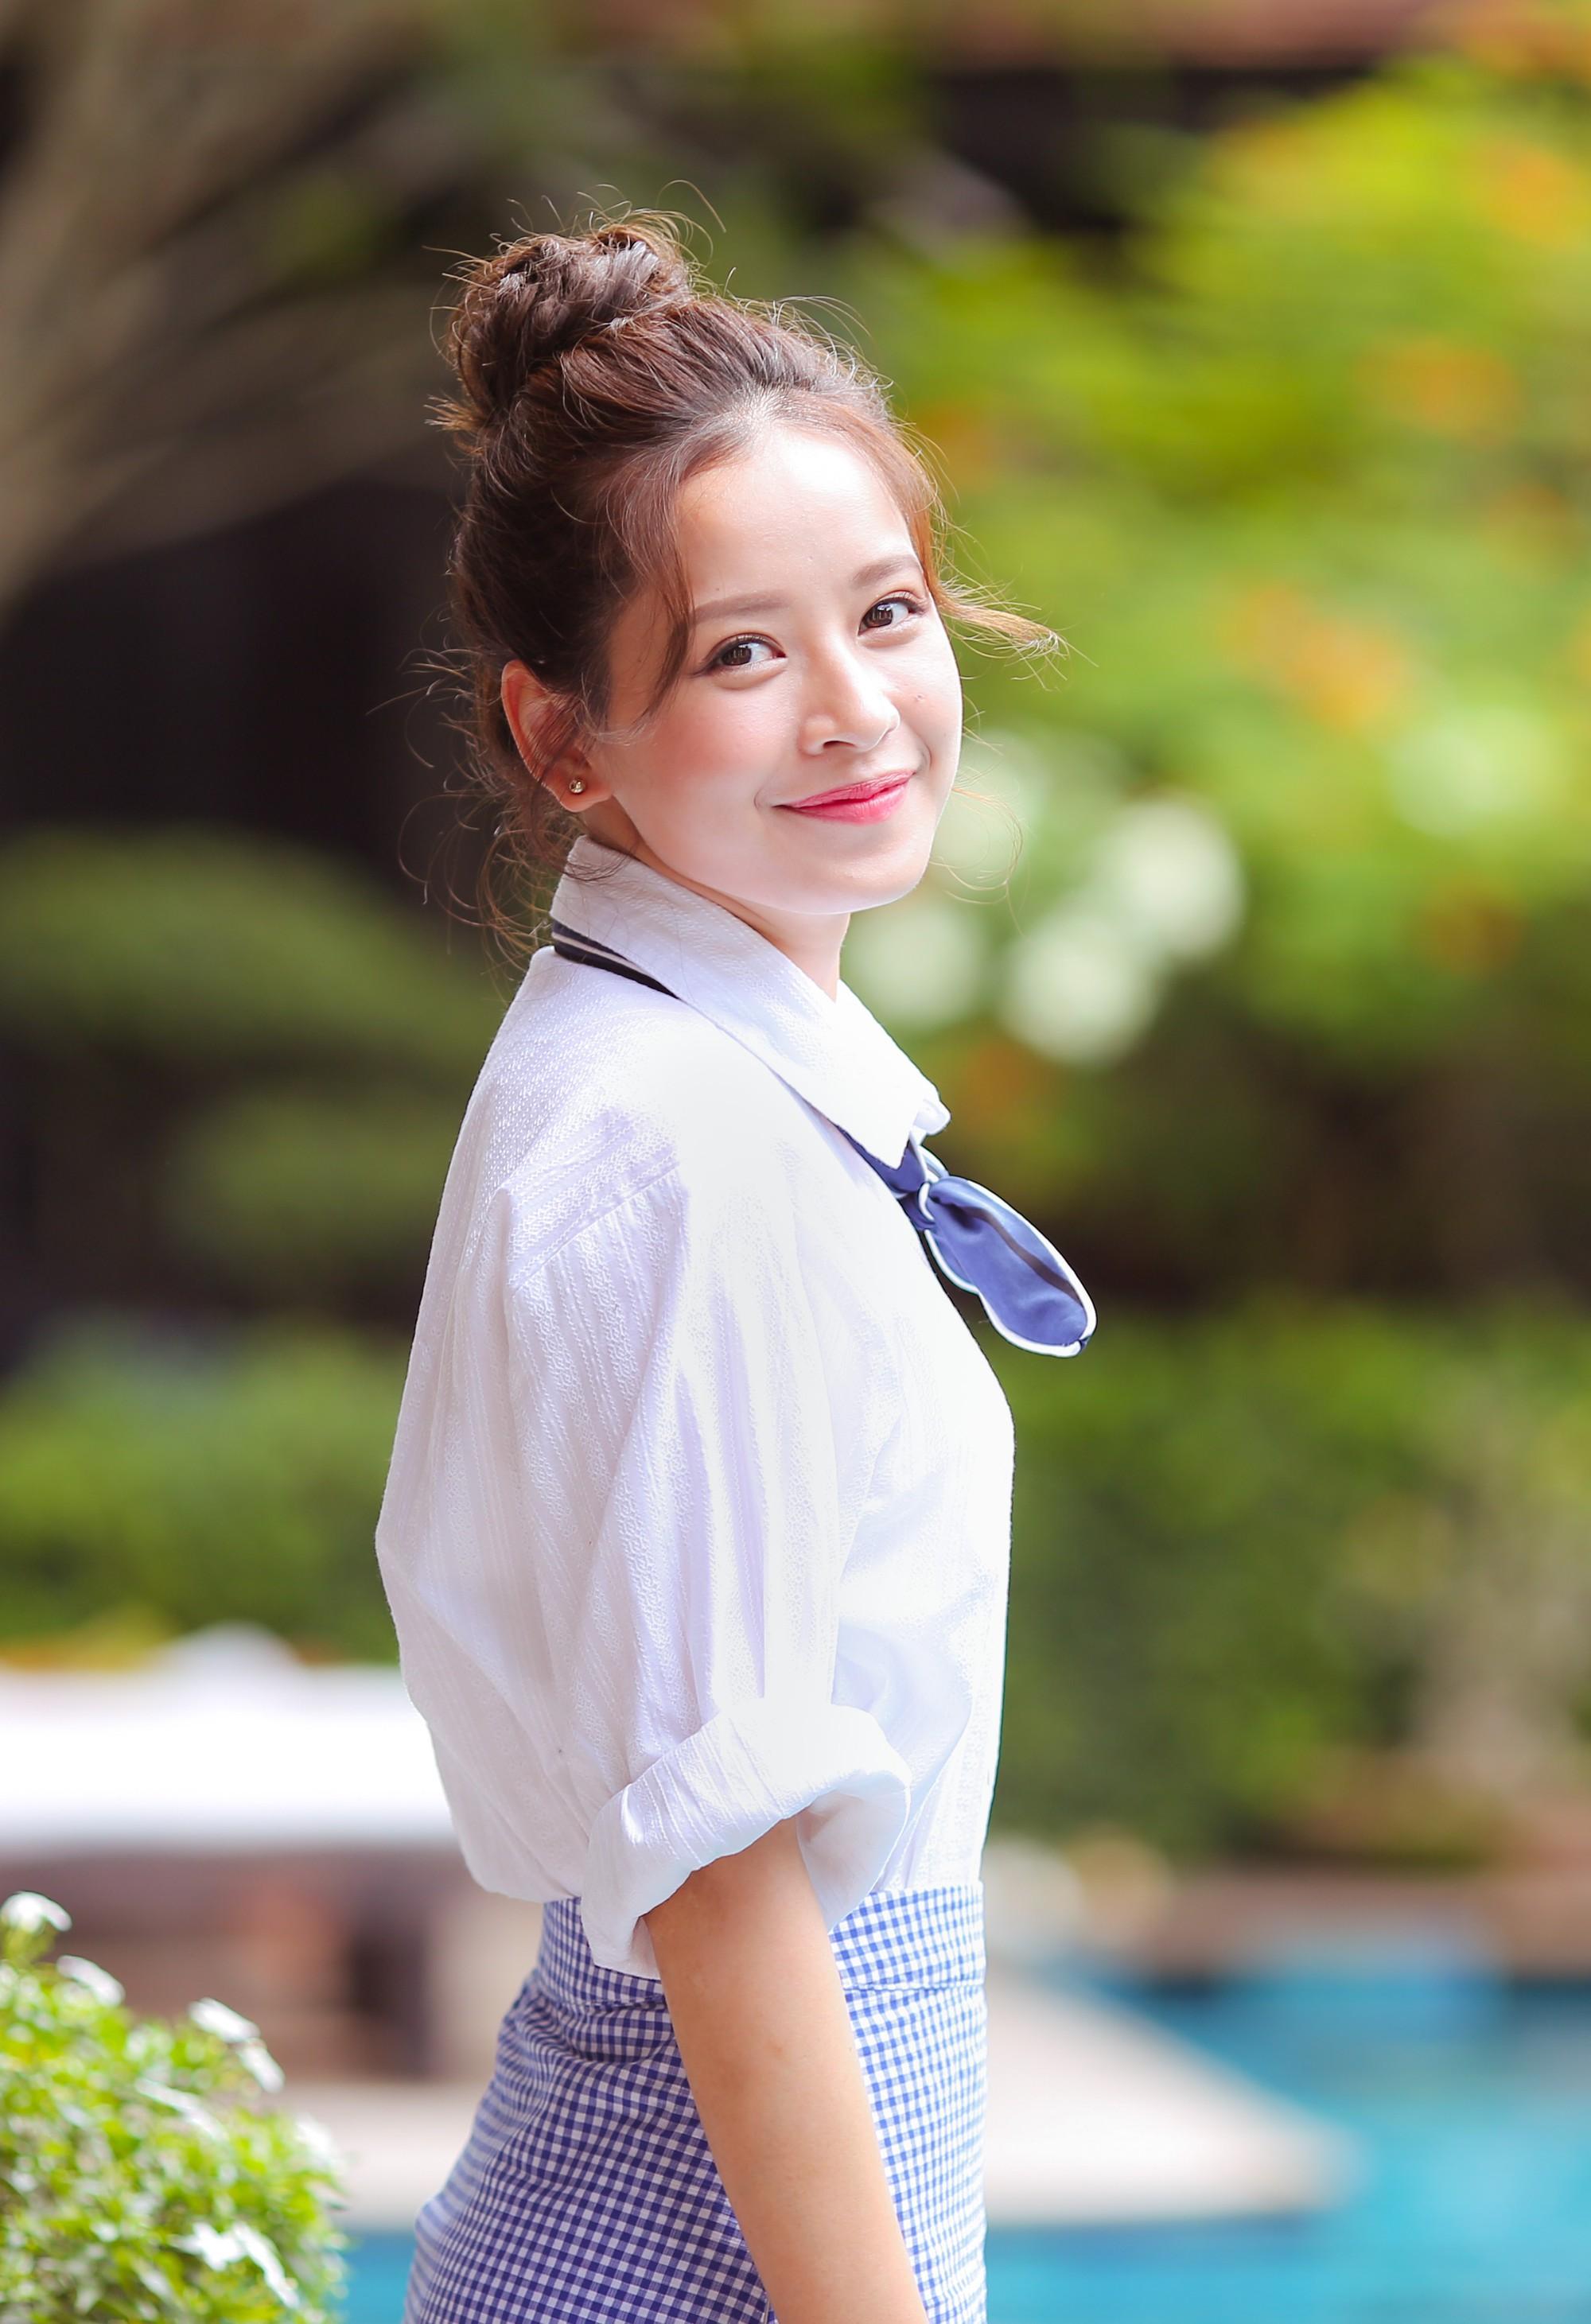 Angela Phương Trinh, Chi Pu, Khả Ngân và hành trình từ những cô tay mơ đến danh hiệu diễn viên điện ảnh - Ảnh 11.